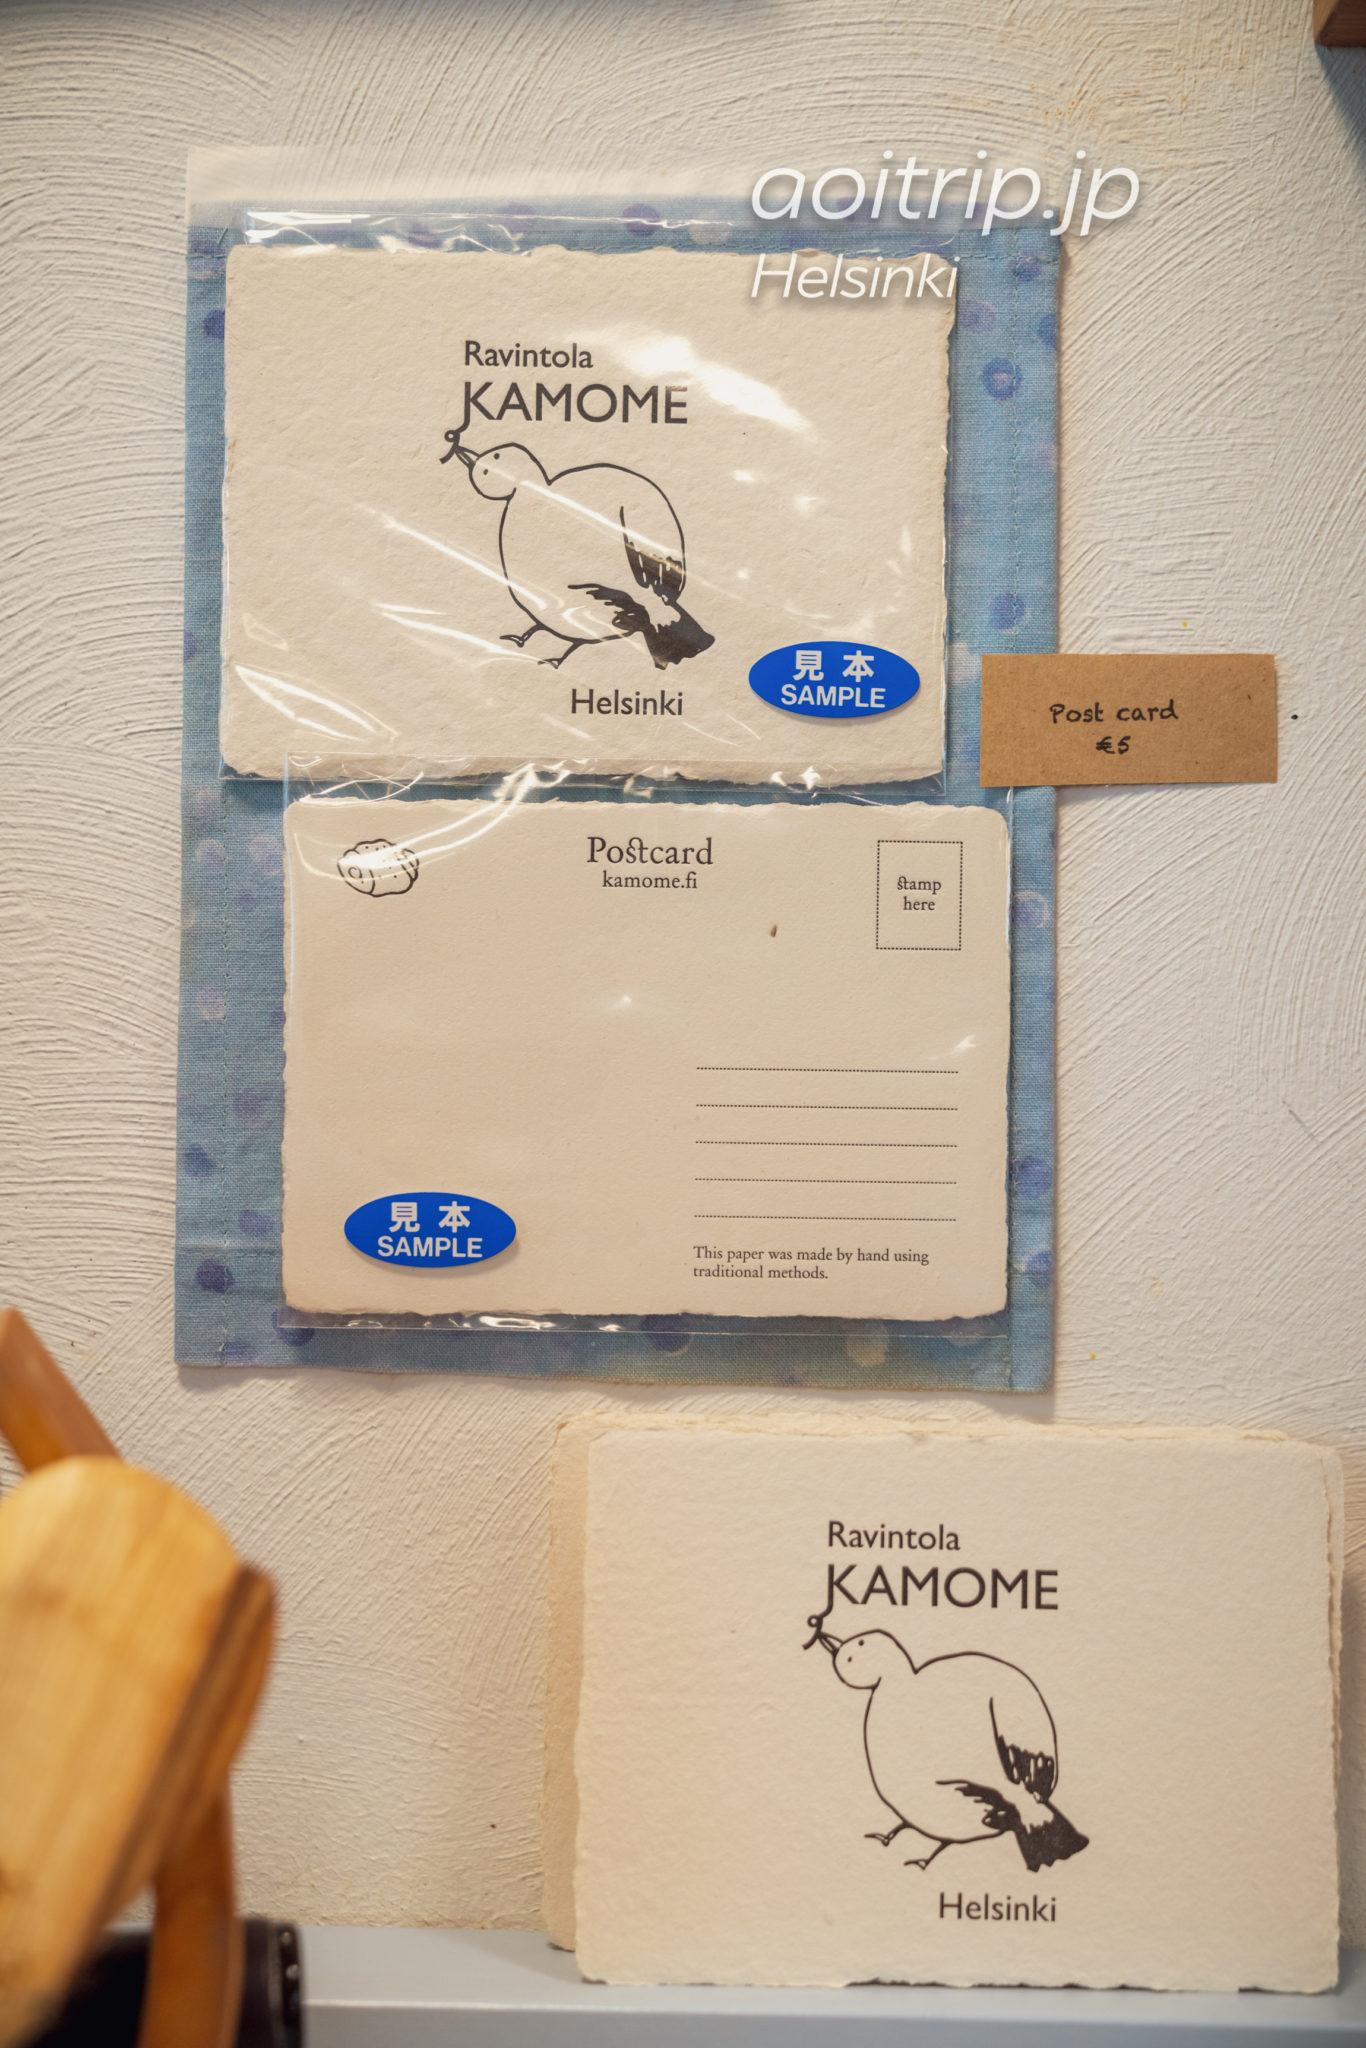 ヘルシンキ かごめ食堂のポストカード